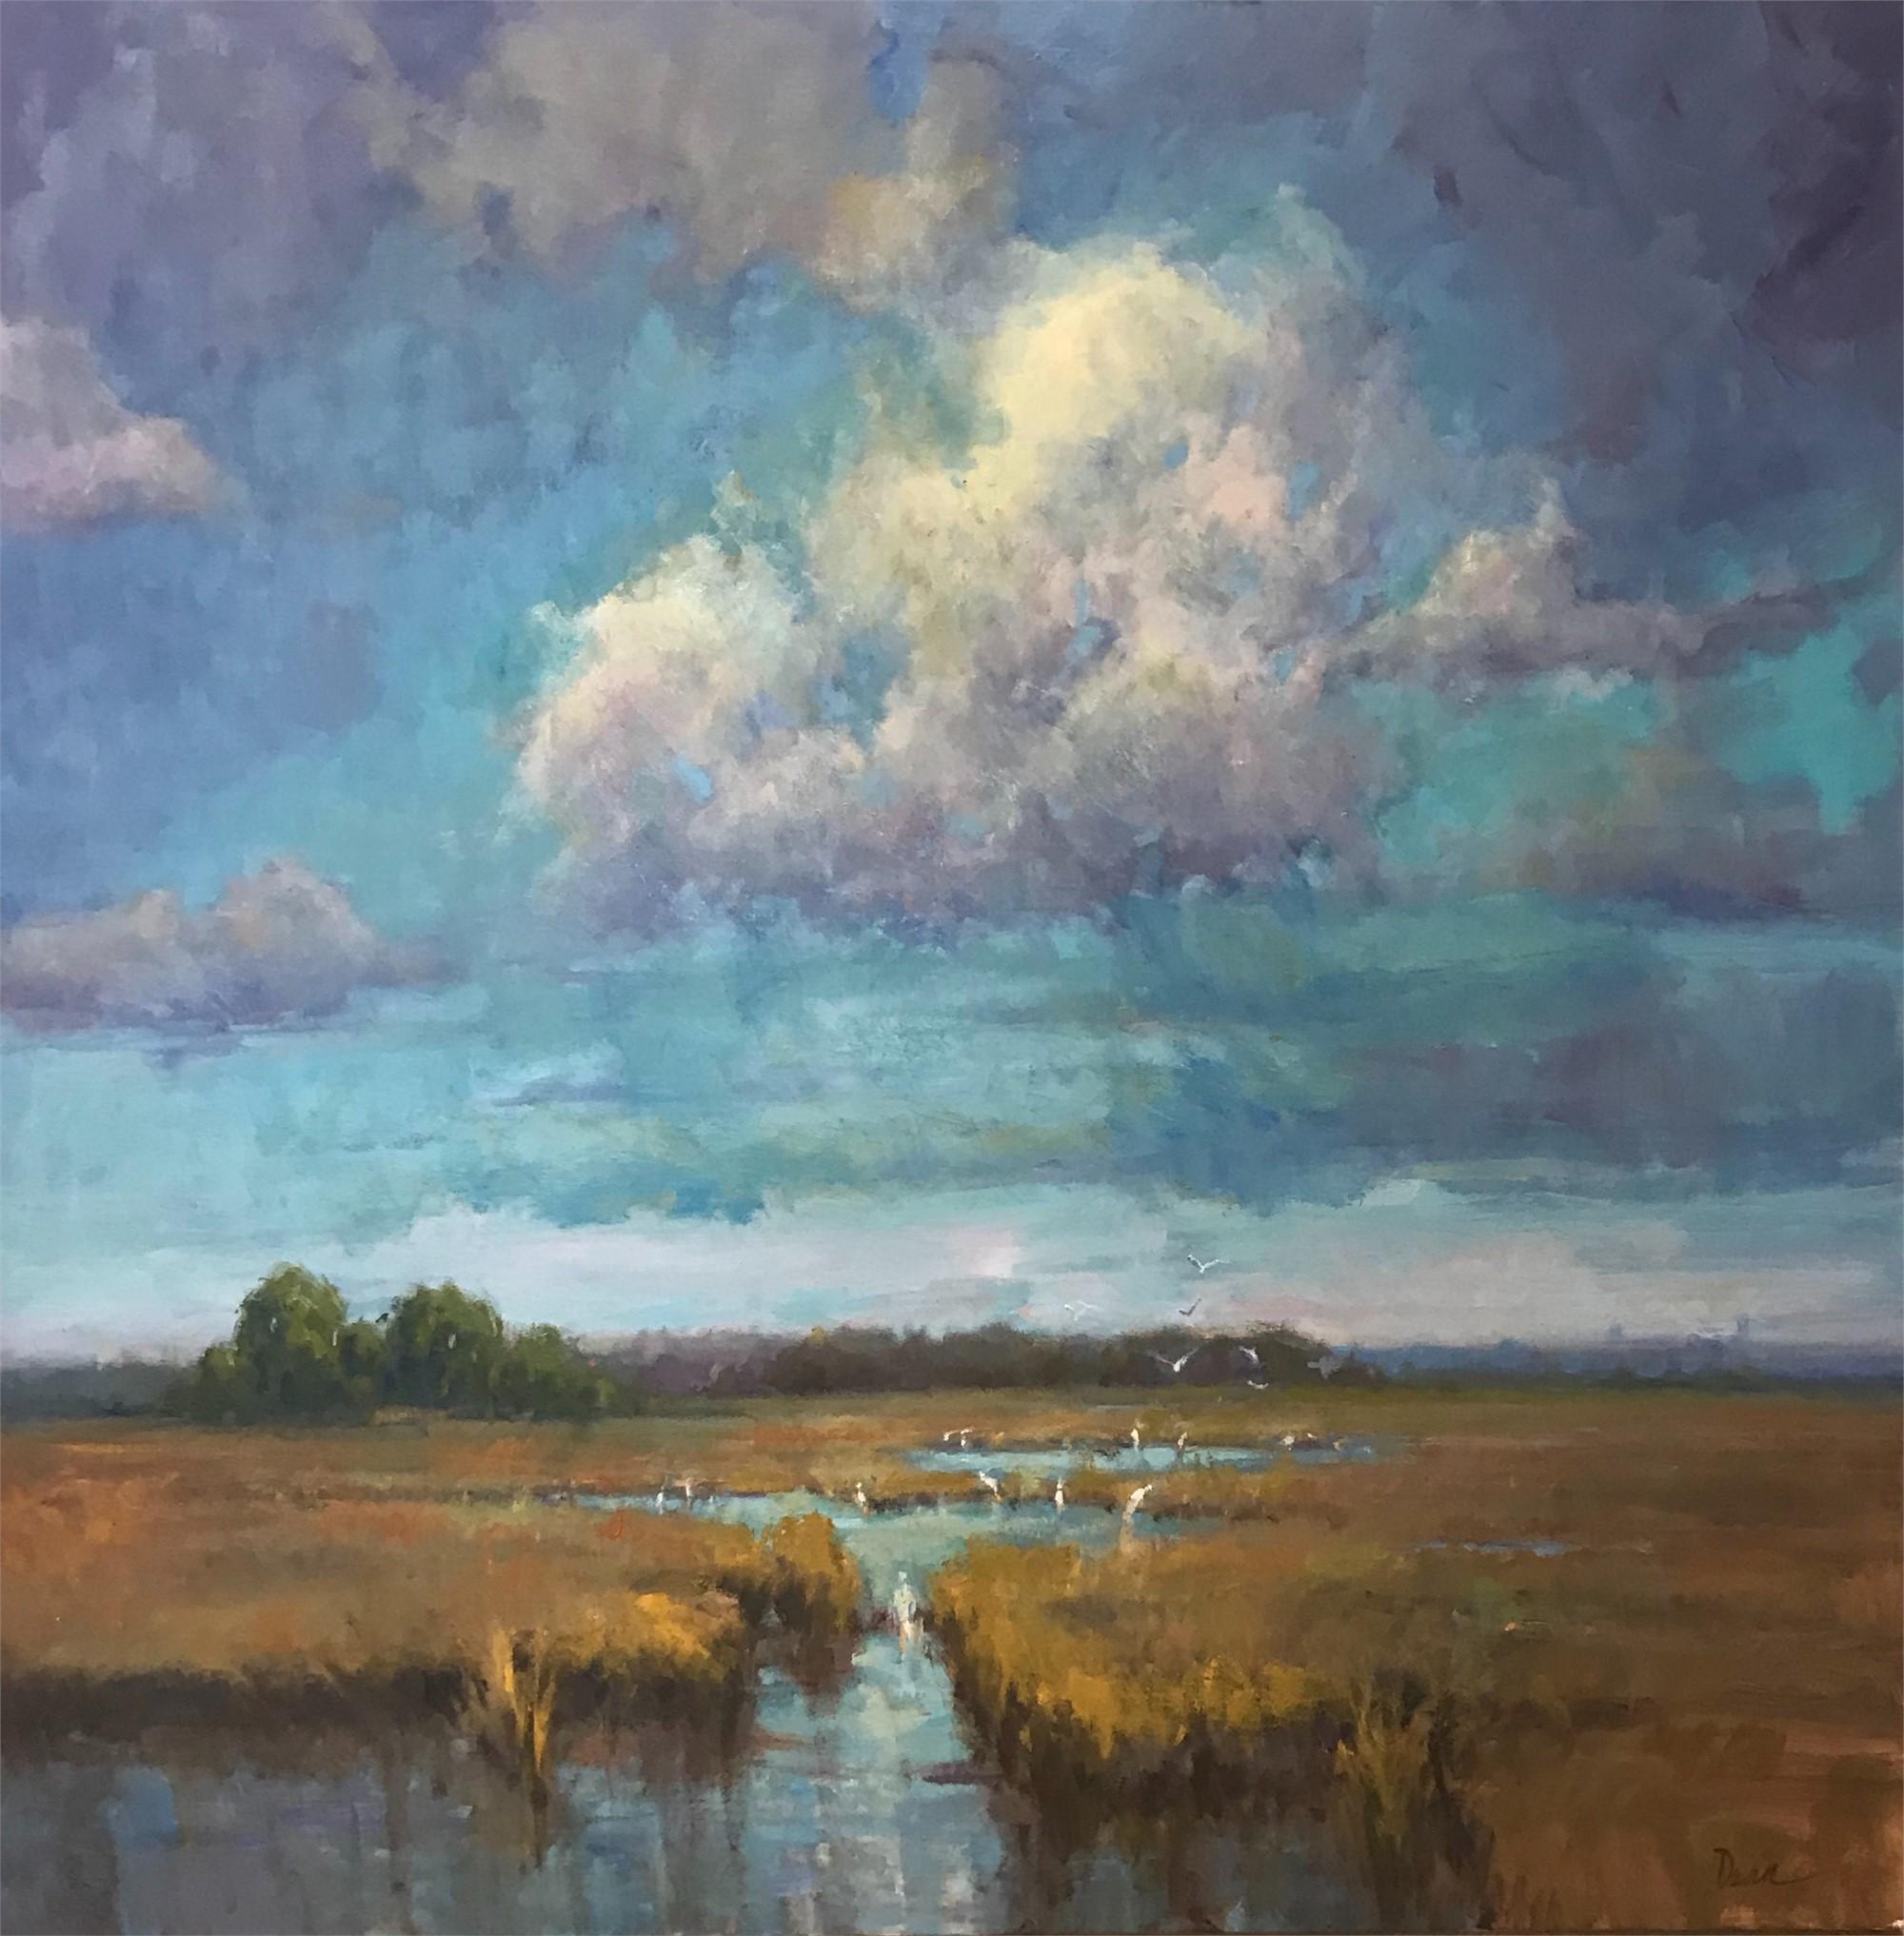 Big Sky by Dee Beard Dean